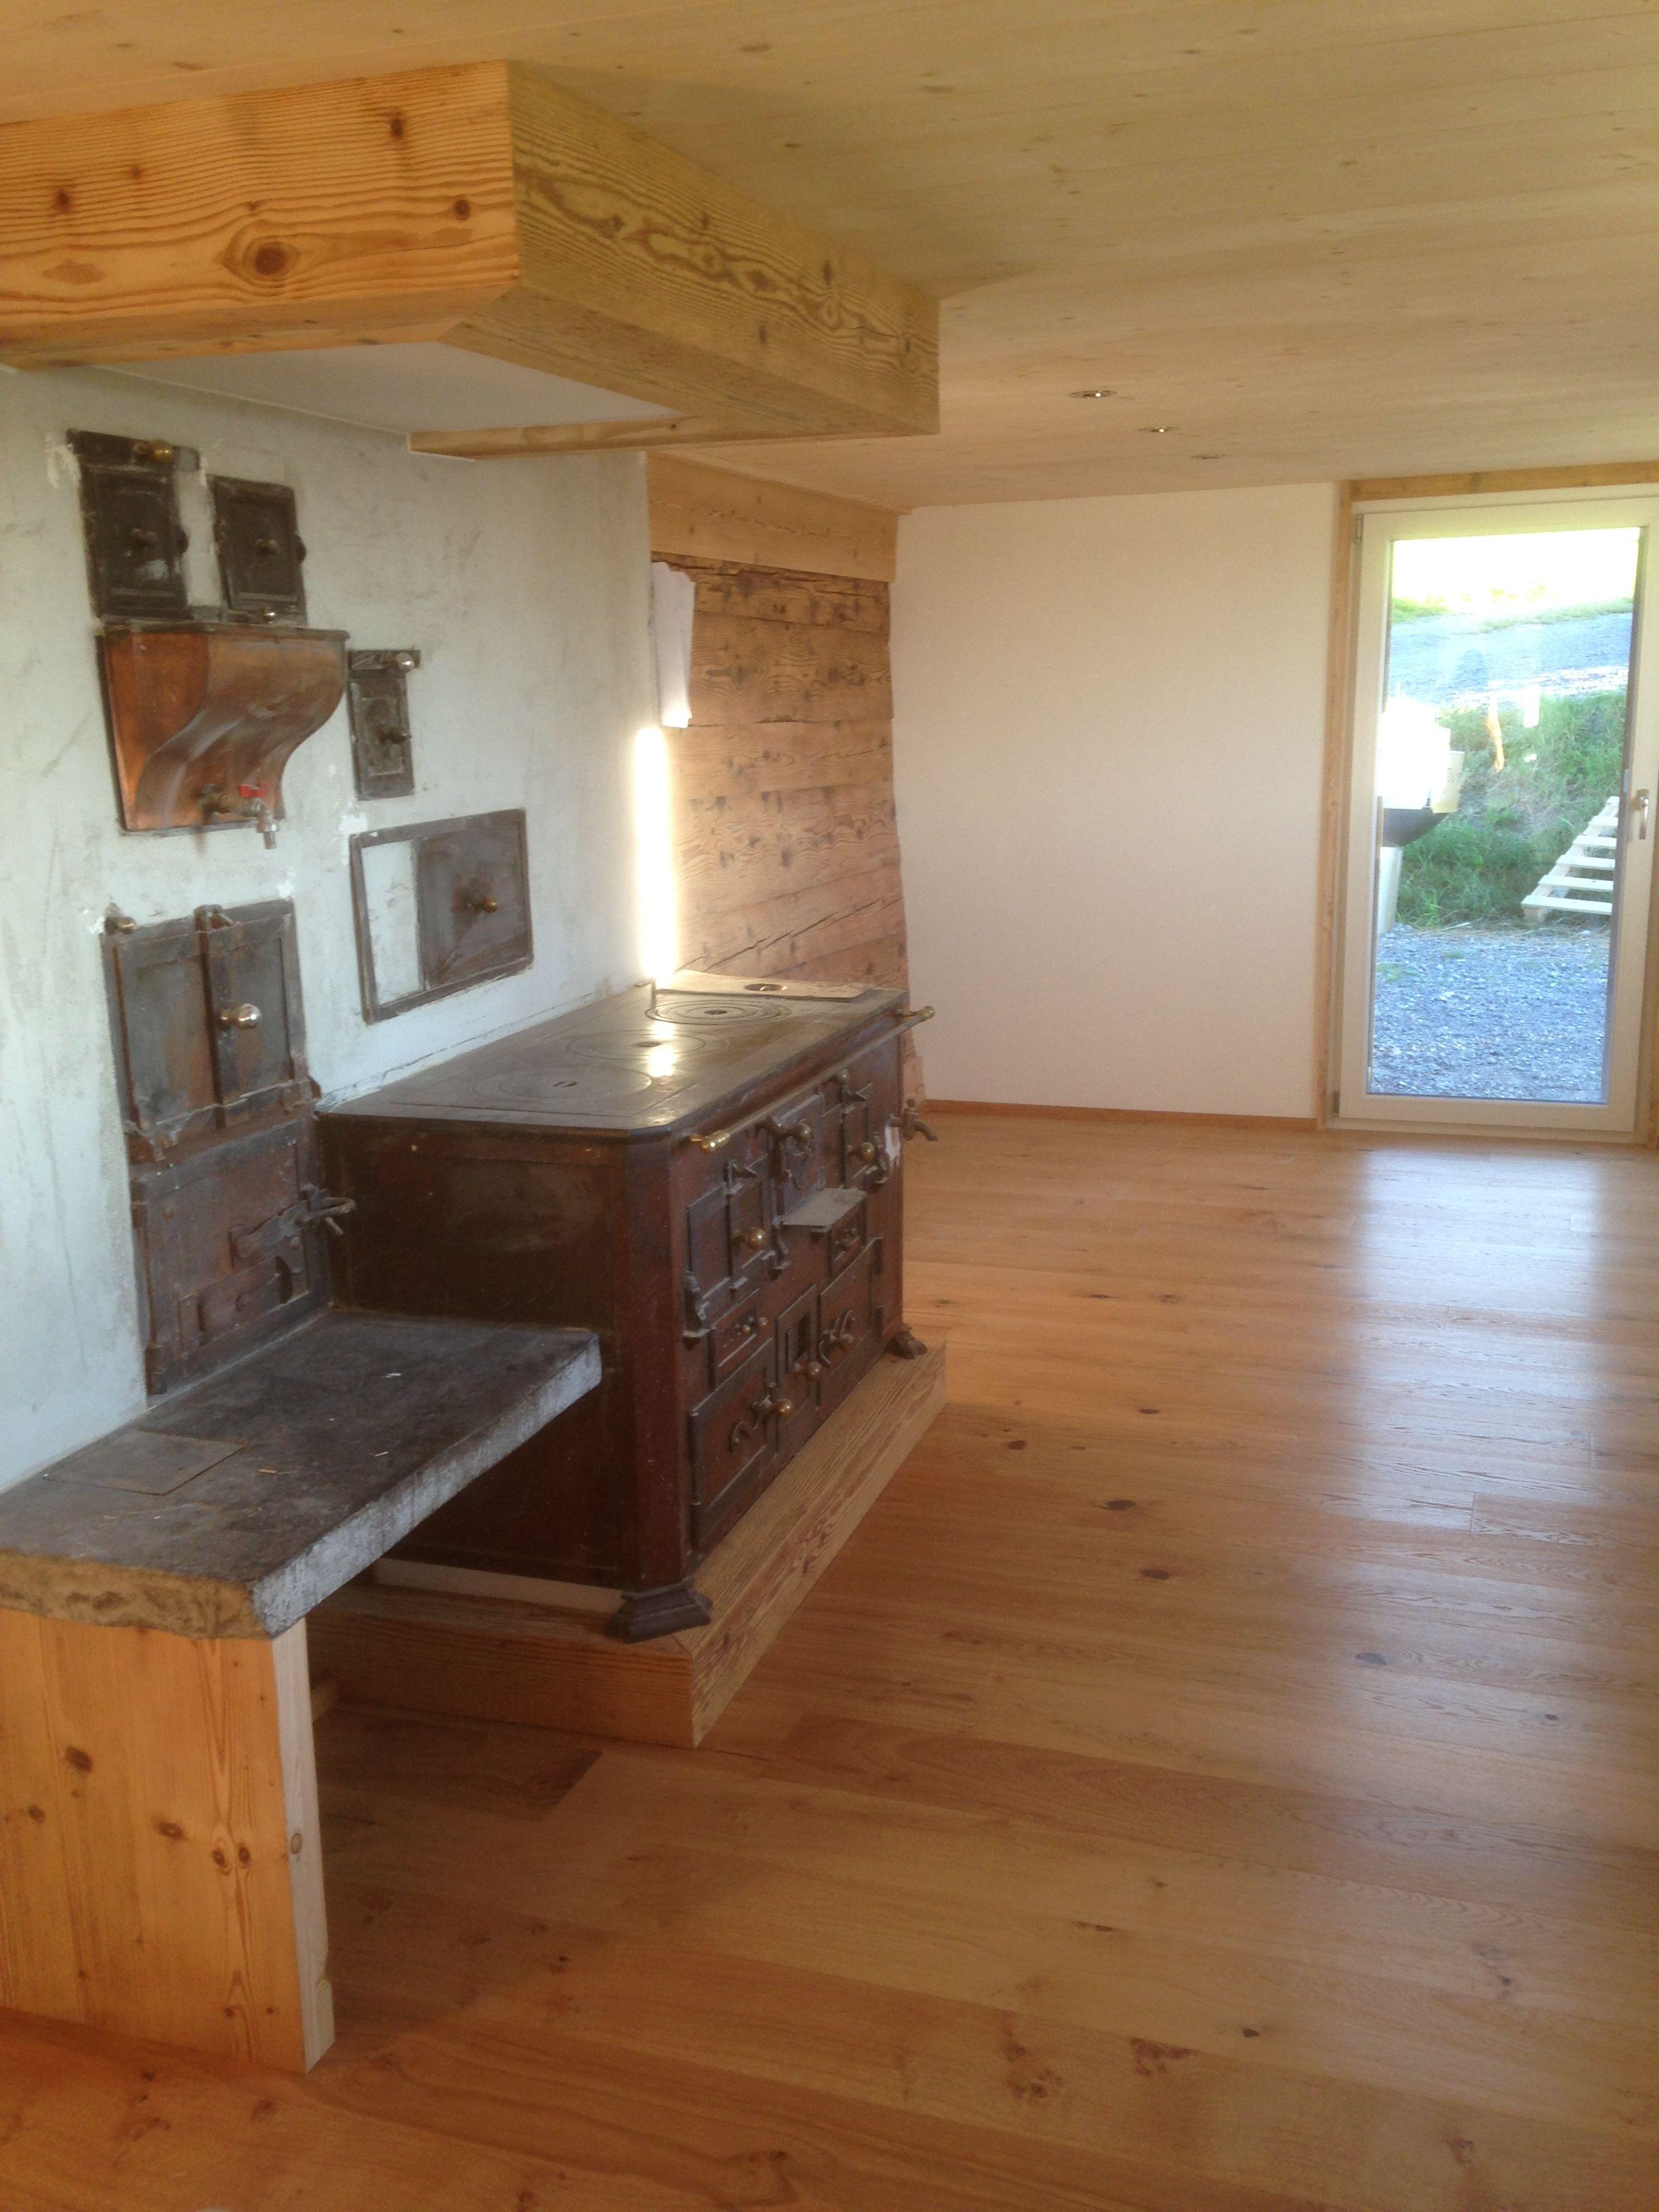 Alter Ofen in modernen Umbau integriert. #Altholz